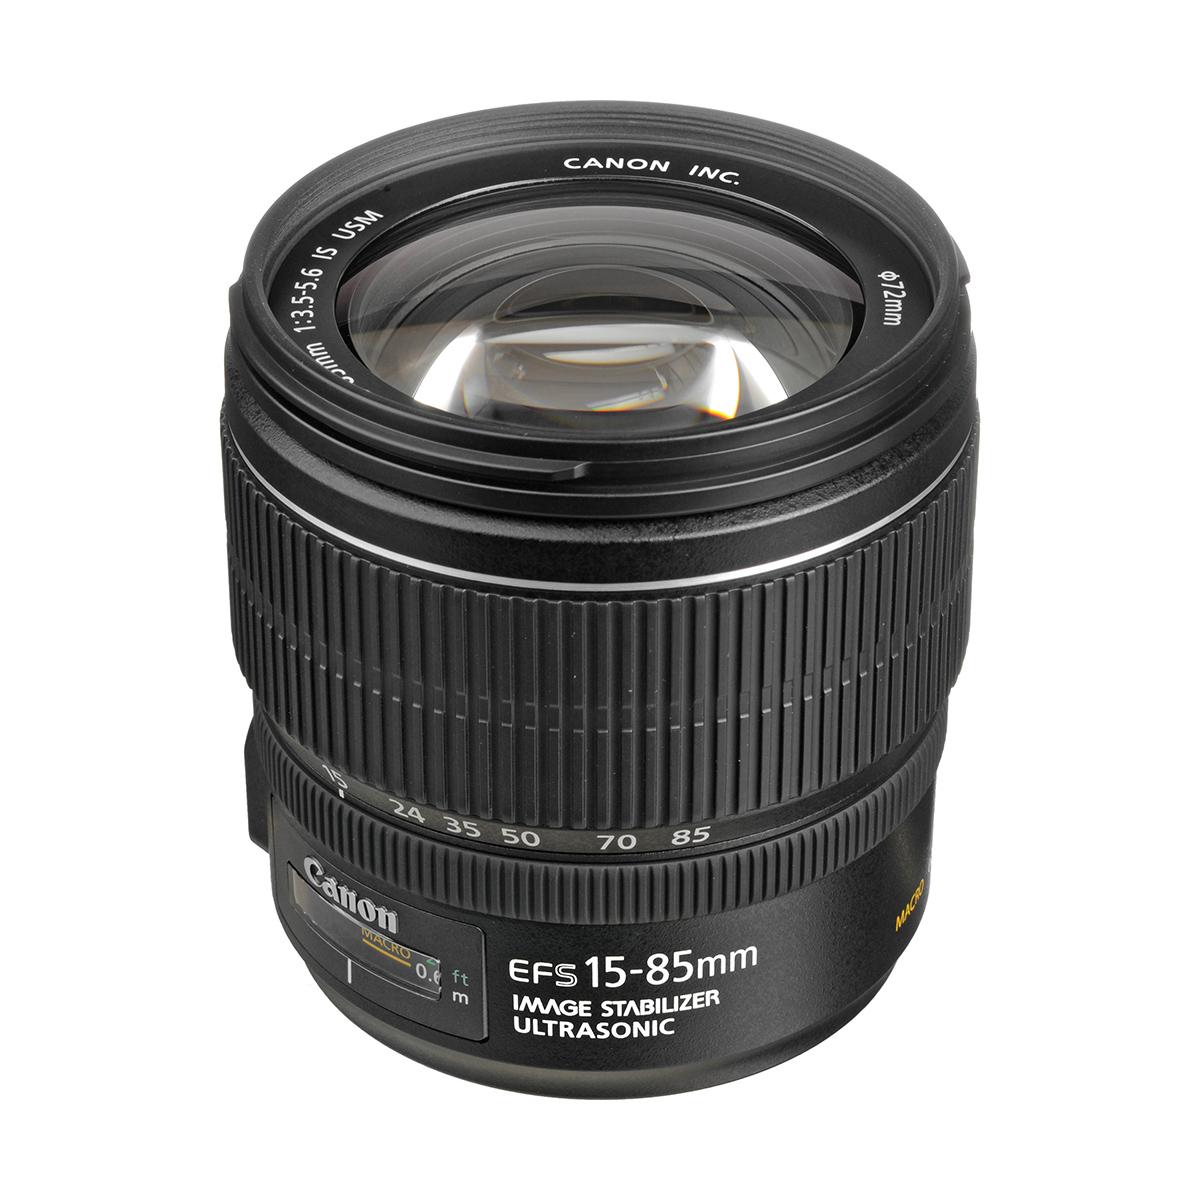 Canon EF-S 15-85mm f//3.5-5.6 IS USM SLR, 17//12, Zoom est/ándar, Ring USM, Canon EOS 300D, EOS 350D, EOS 400D, EOS 450D, Negro Objetivo